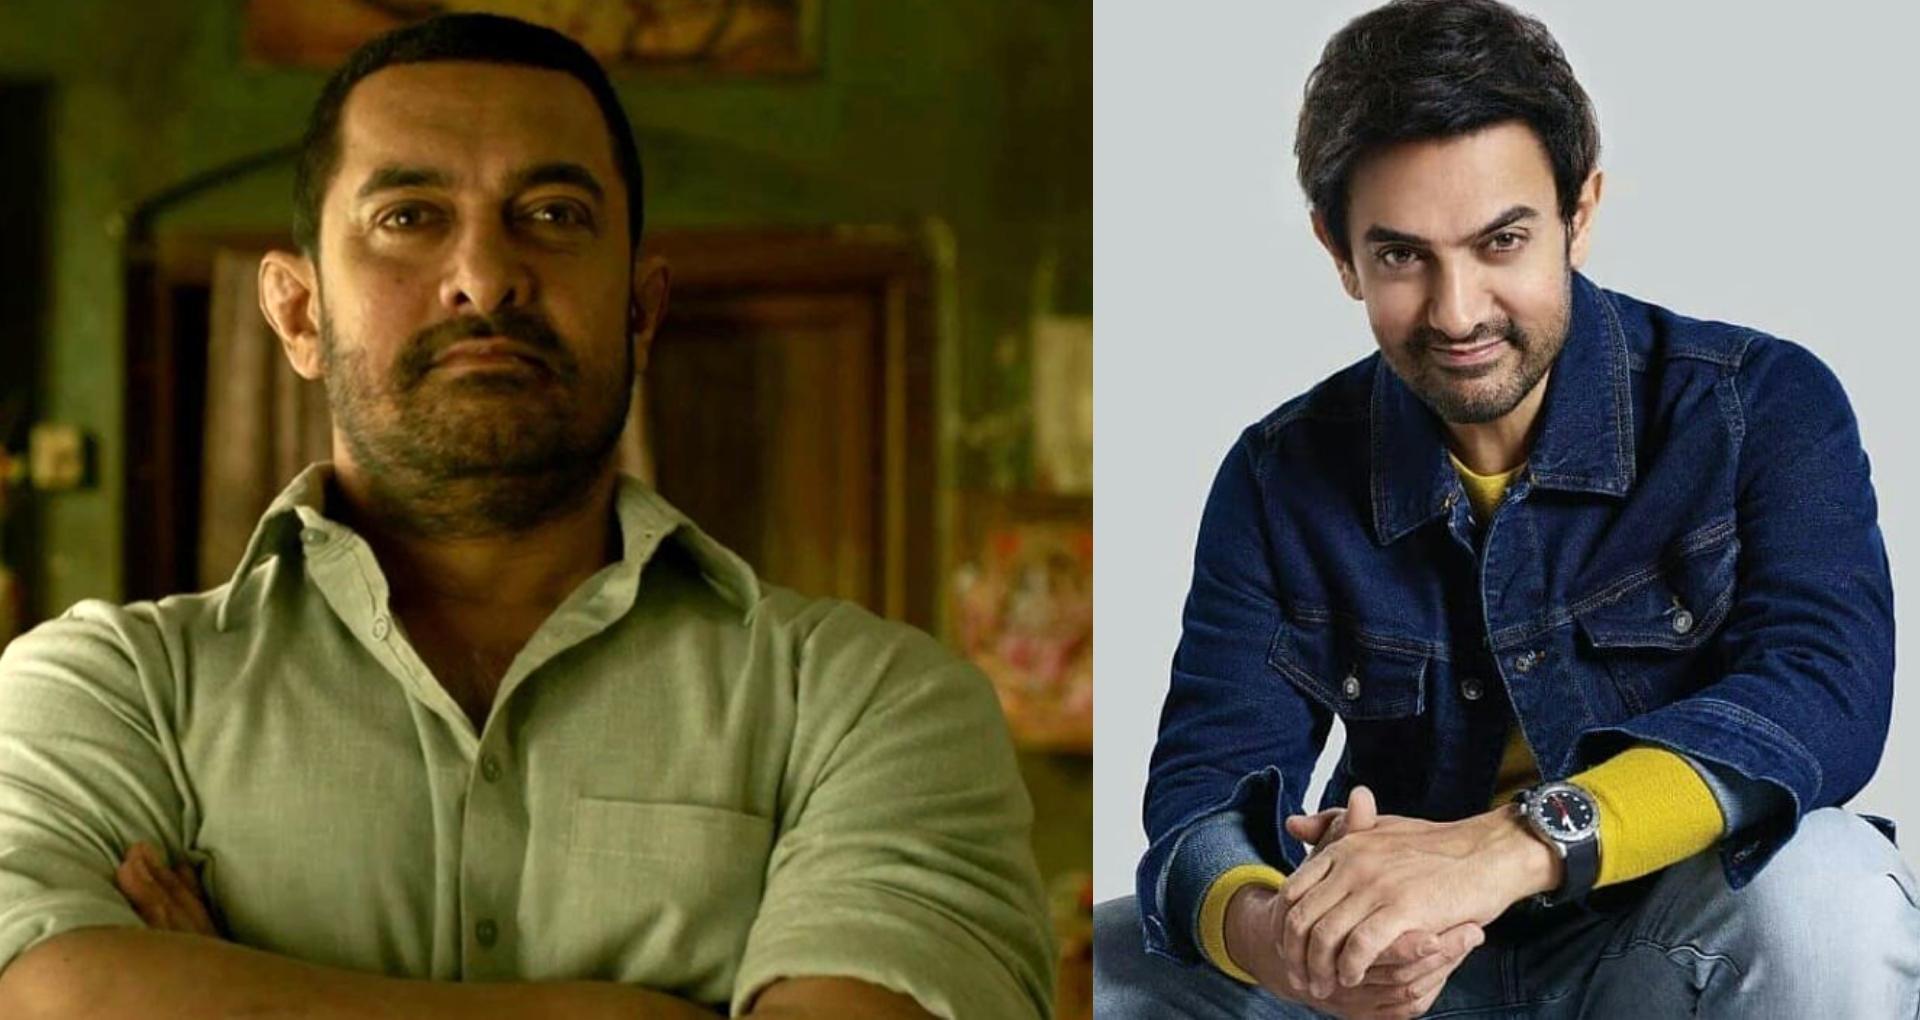 आमिर खान ने बताई अपनी फैट से फिट होने की कहानी, वर्कआउट नहीं इस तरह किया वजन कम